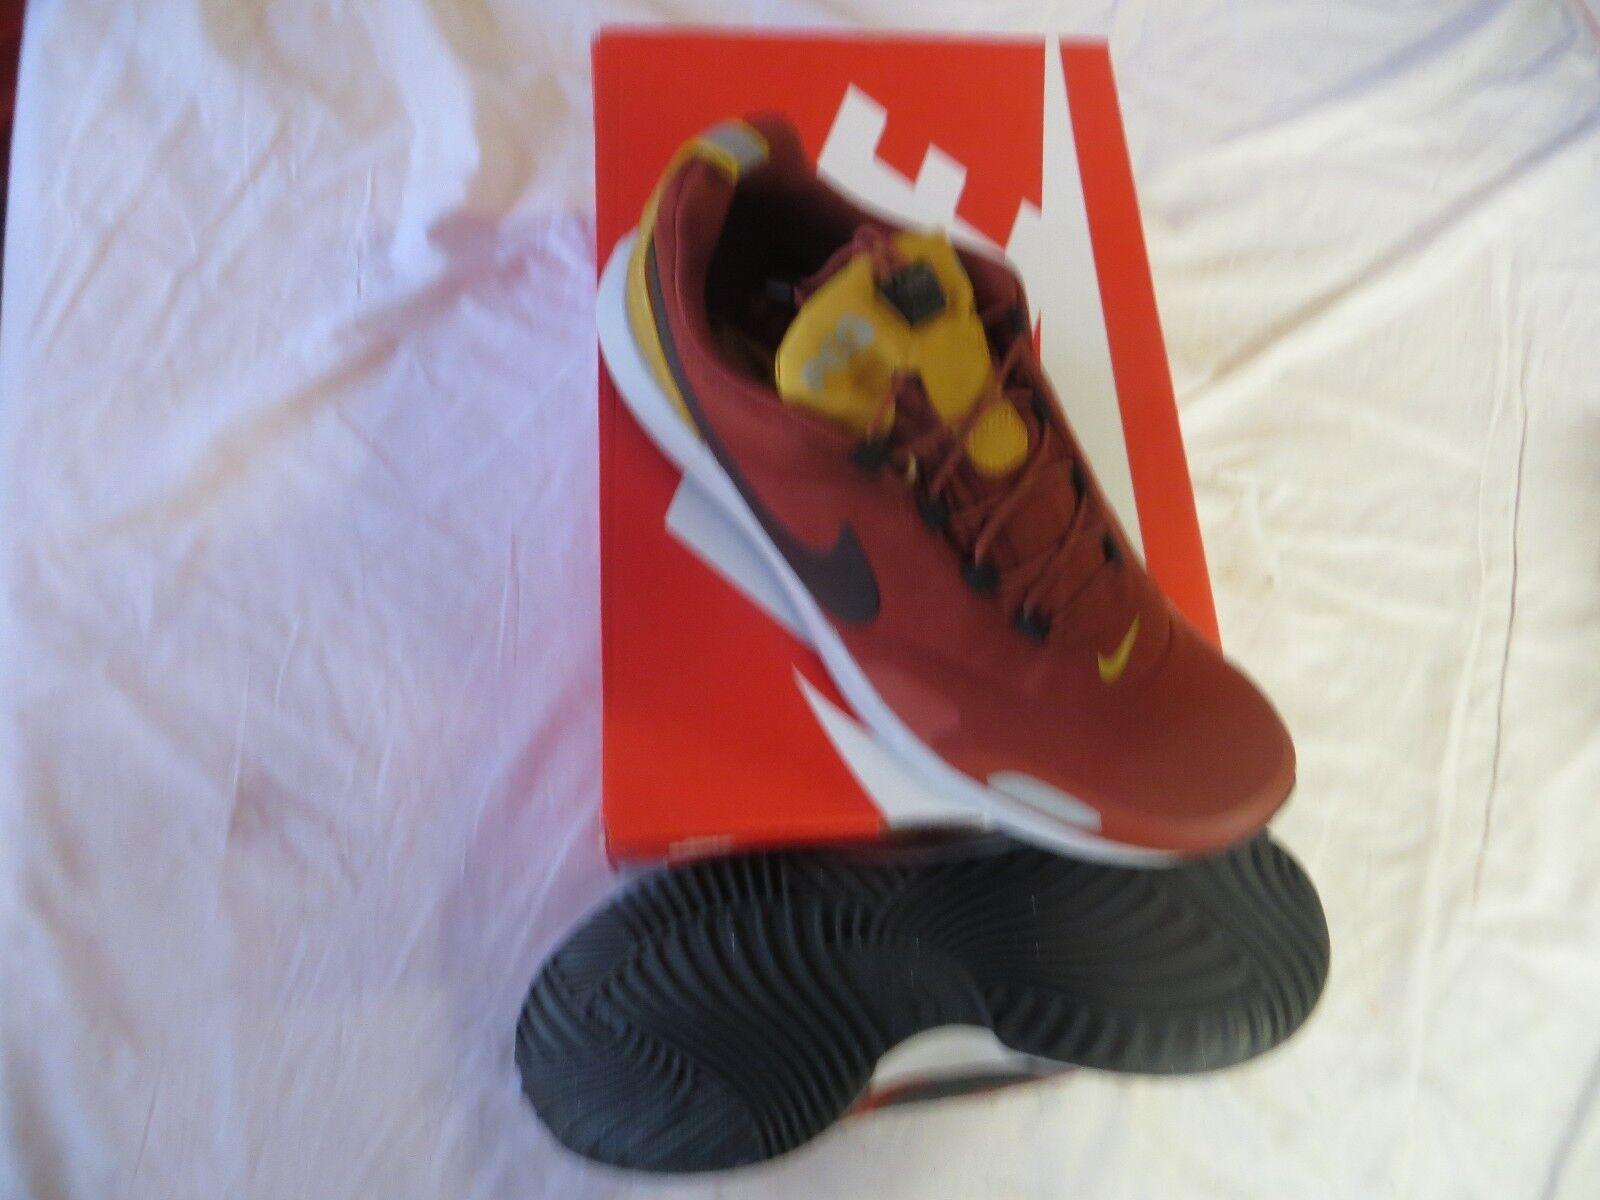 Nike men's air pegasus A/T Sz 10 Mars Stone/Black (924469 601) Retail  120 NIB